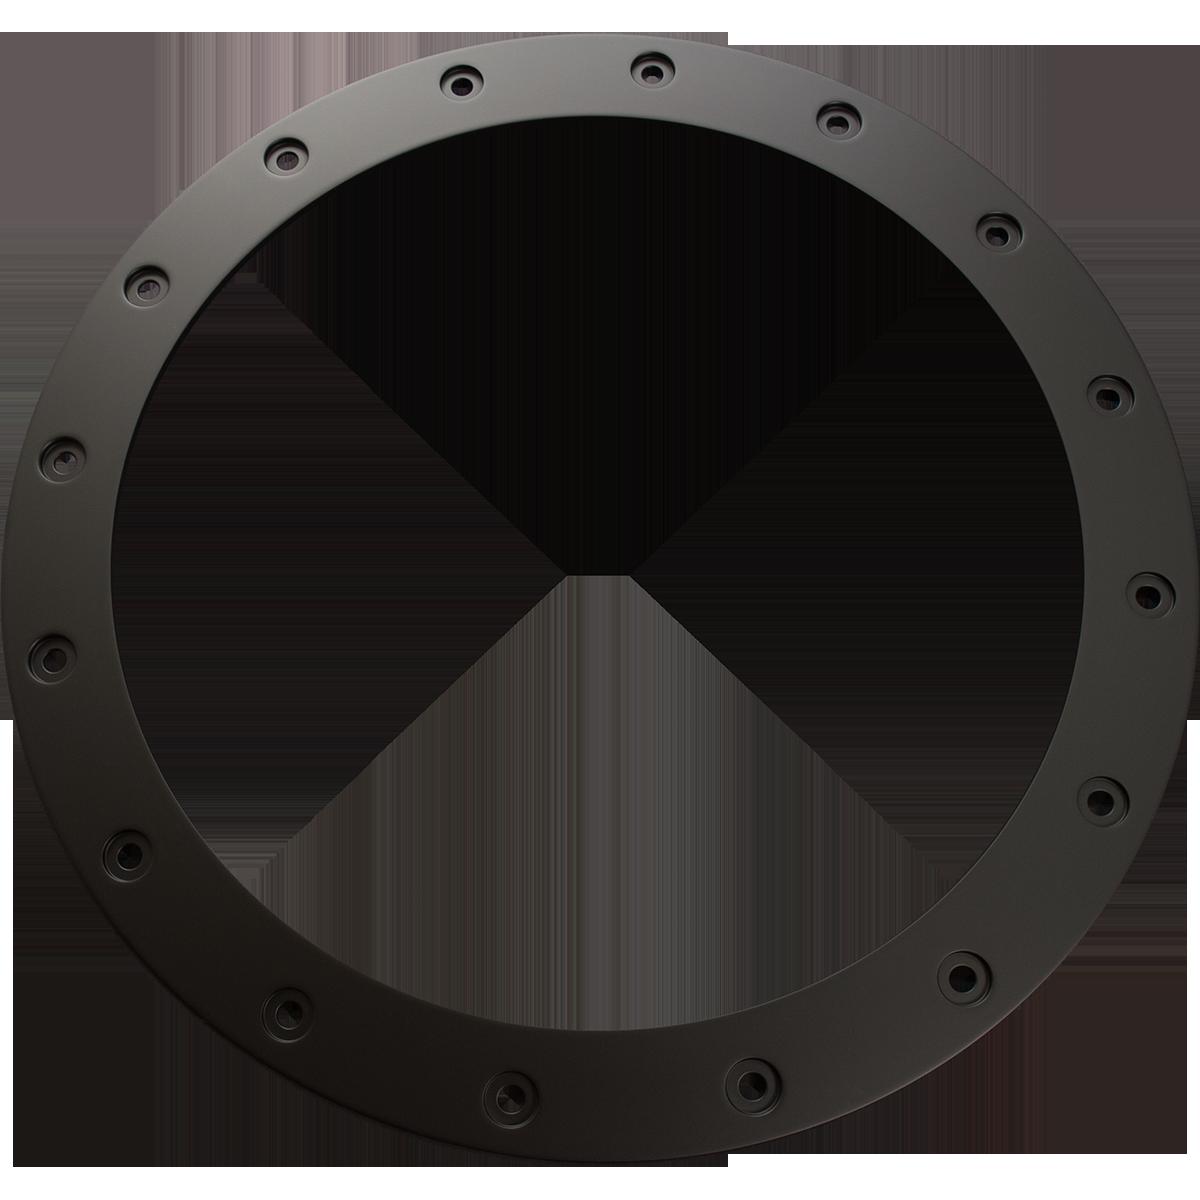 アルミリング<br>(16インチ用)<br>color:SOLID BLACK